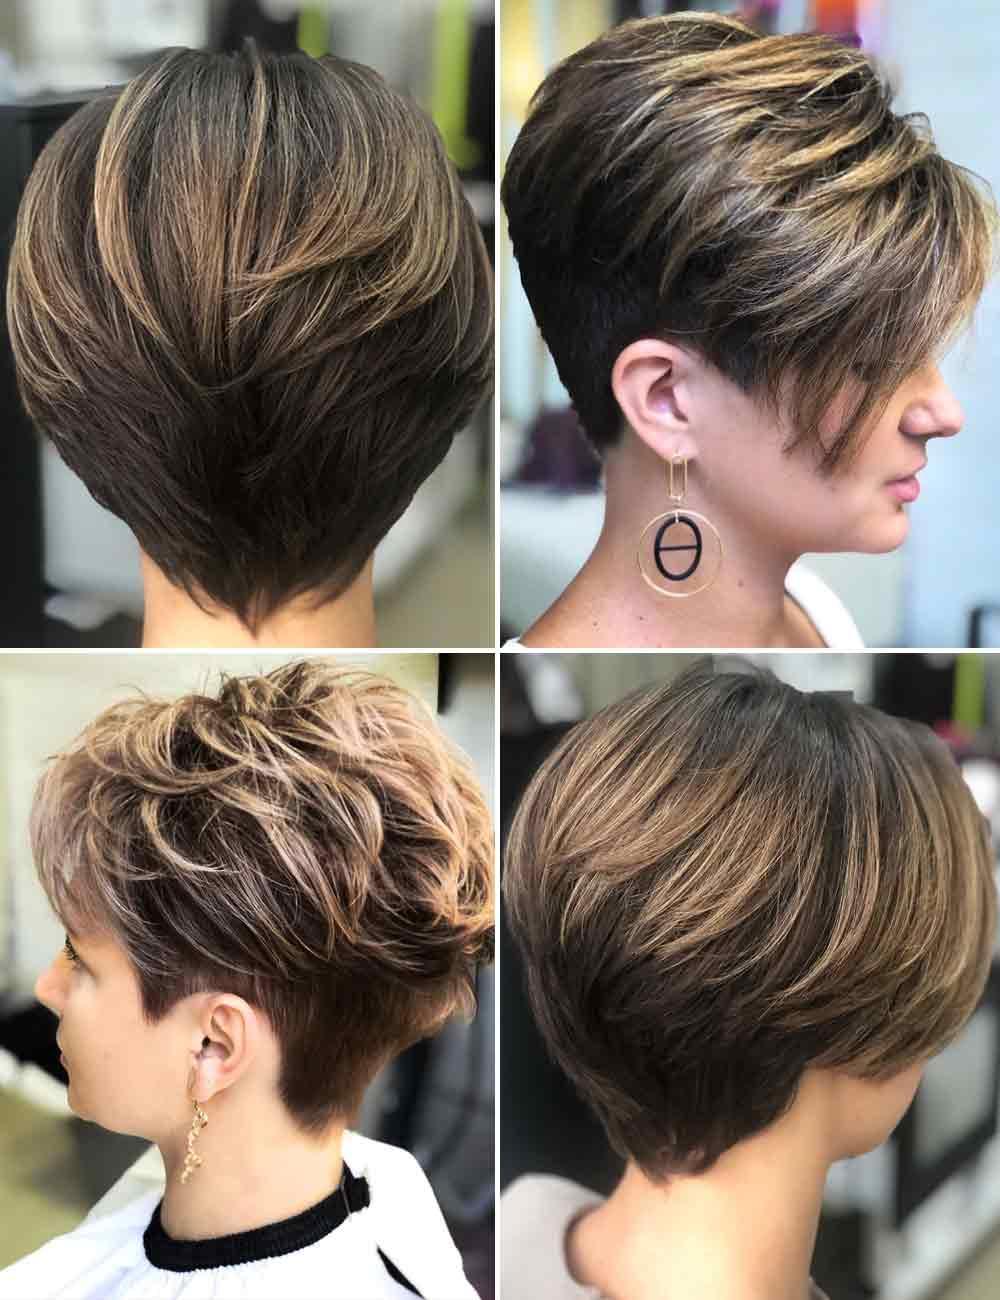 Abrigos de pelo corto para mujer 2021 invierno